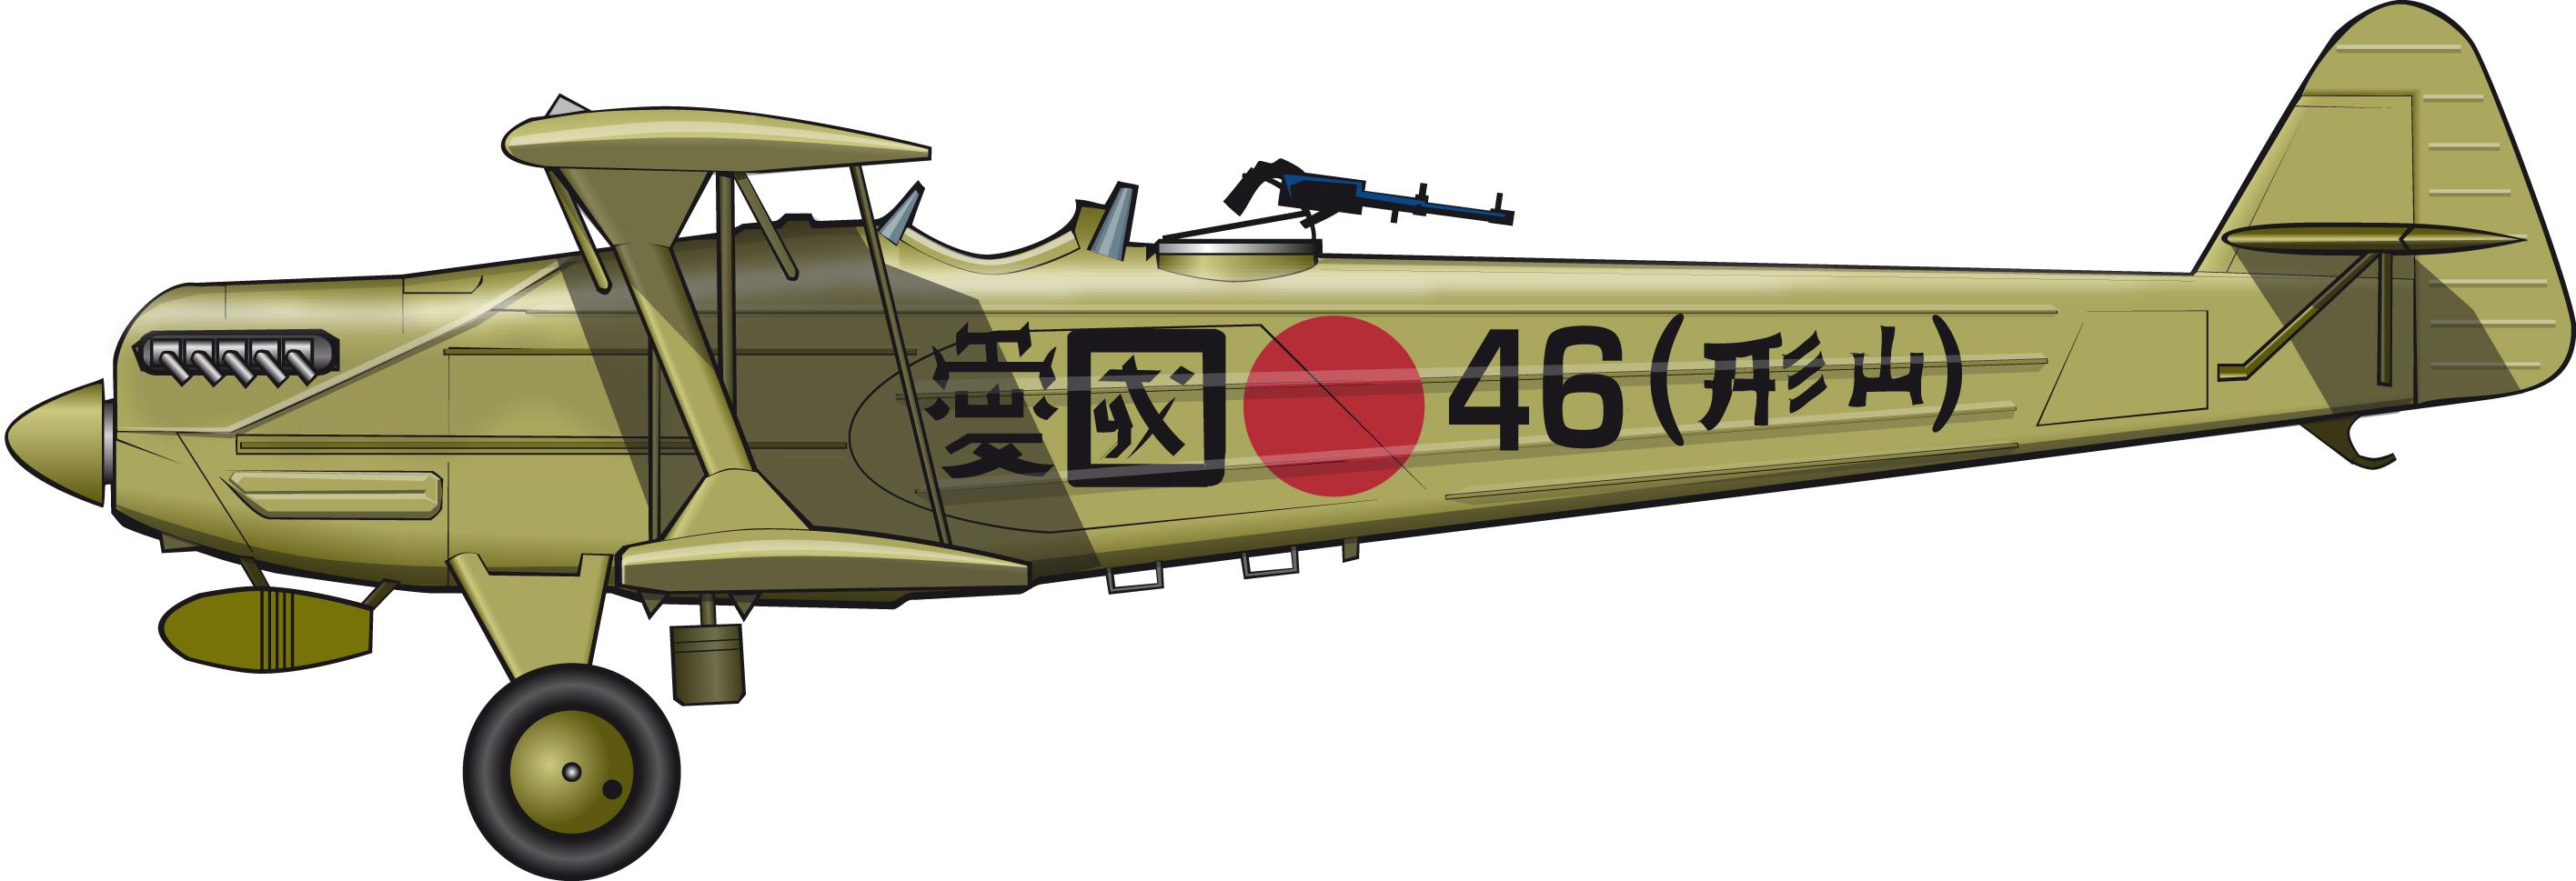 kawasakitipo88base